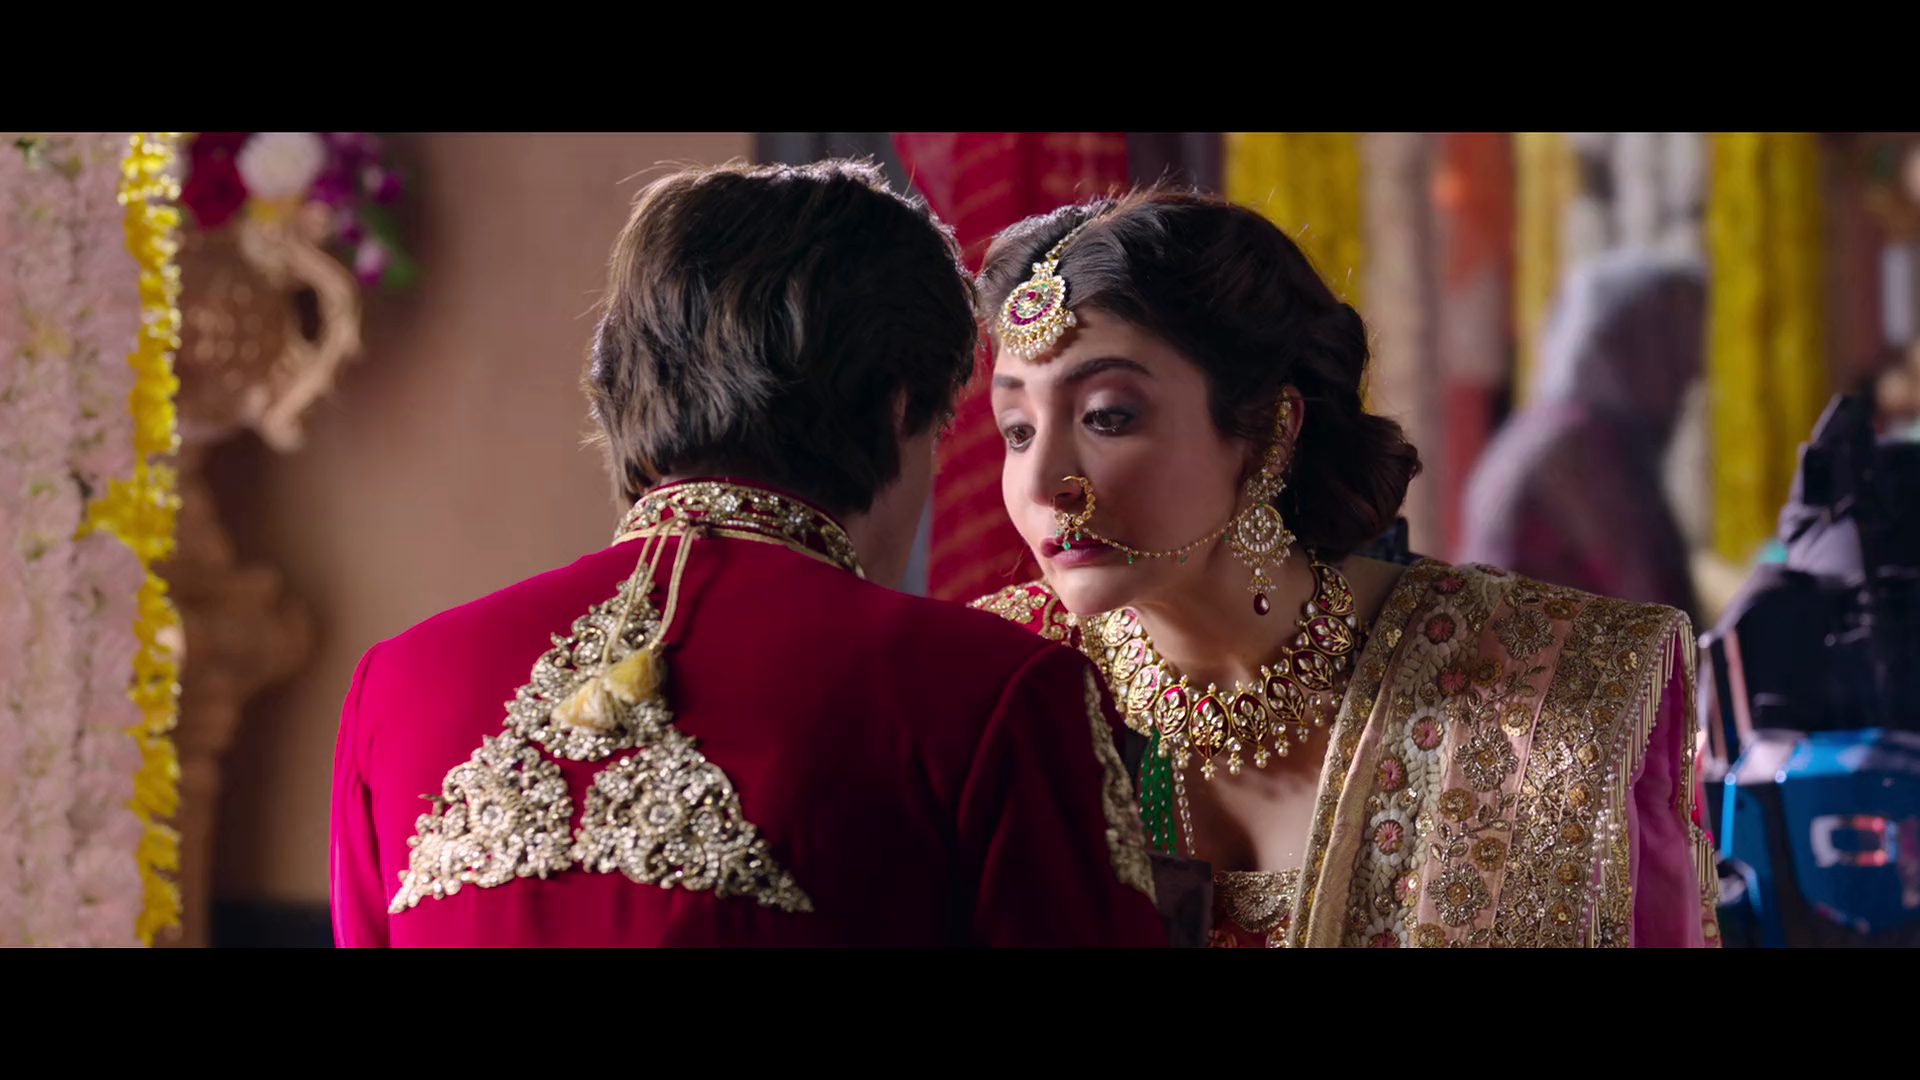 Zero (2018) Hindi - 1080p - WEB-DL - DD5.1 - H264-NG